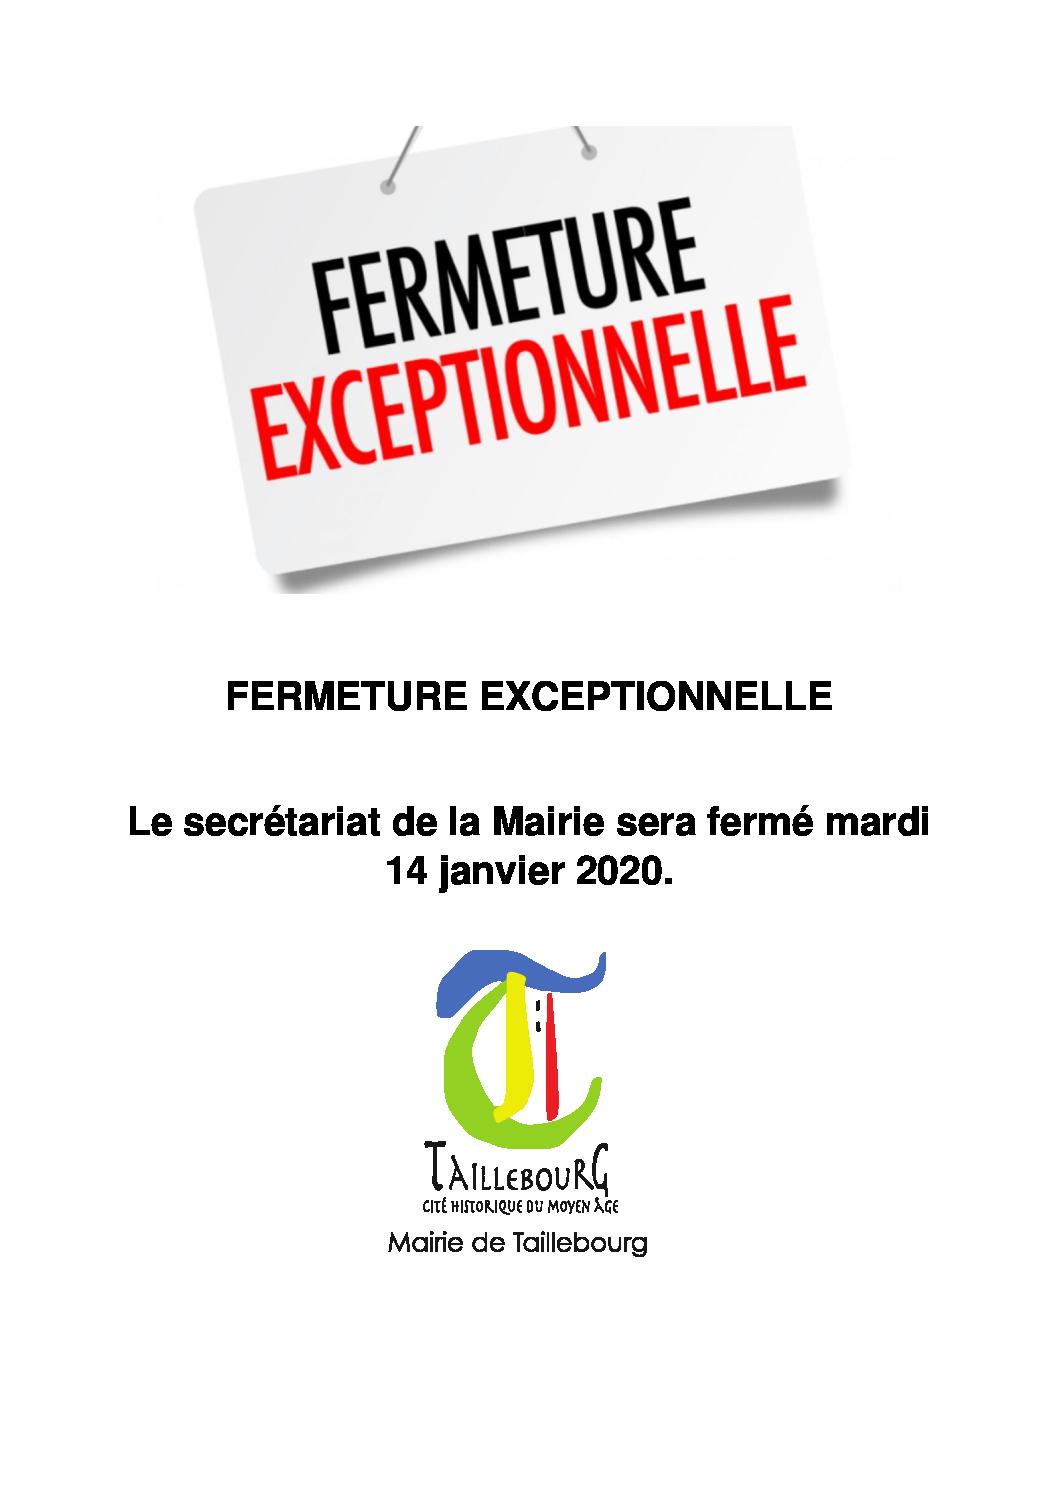 FERMETURE EXCEPTIONNELLE 14-01-2020